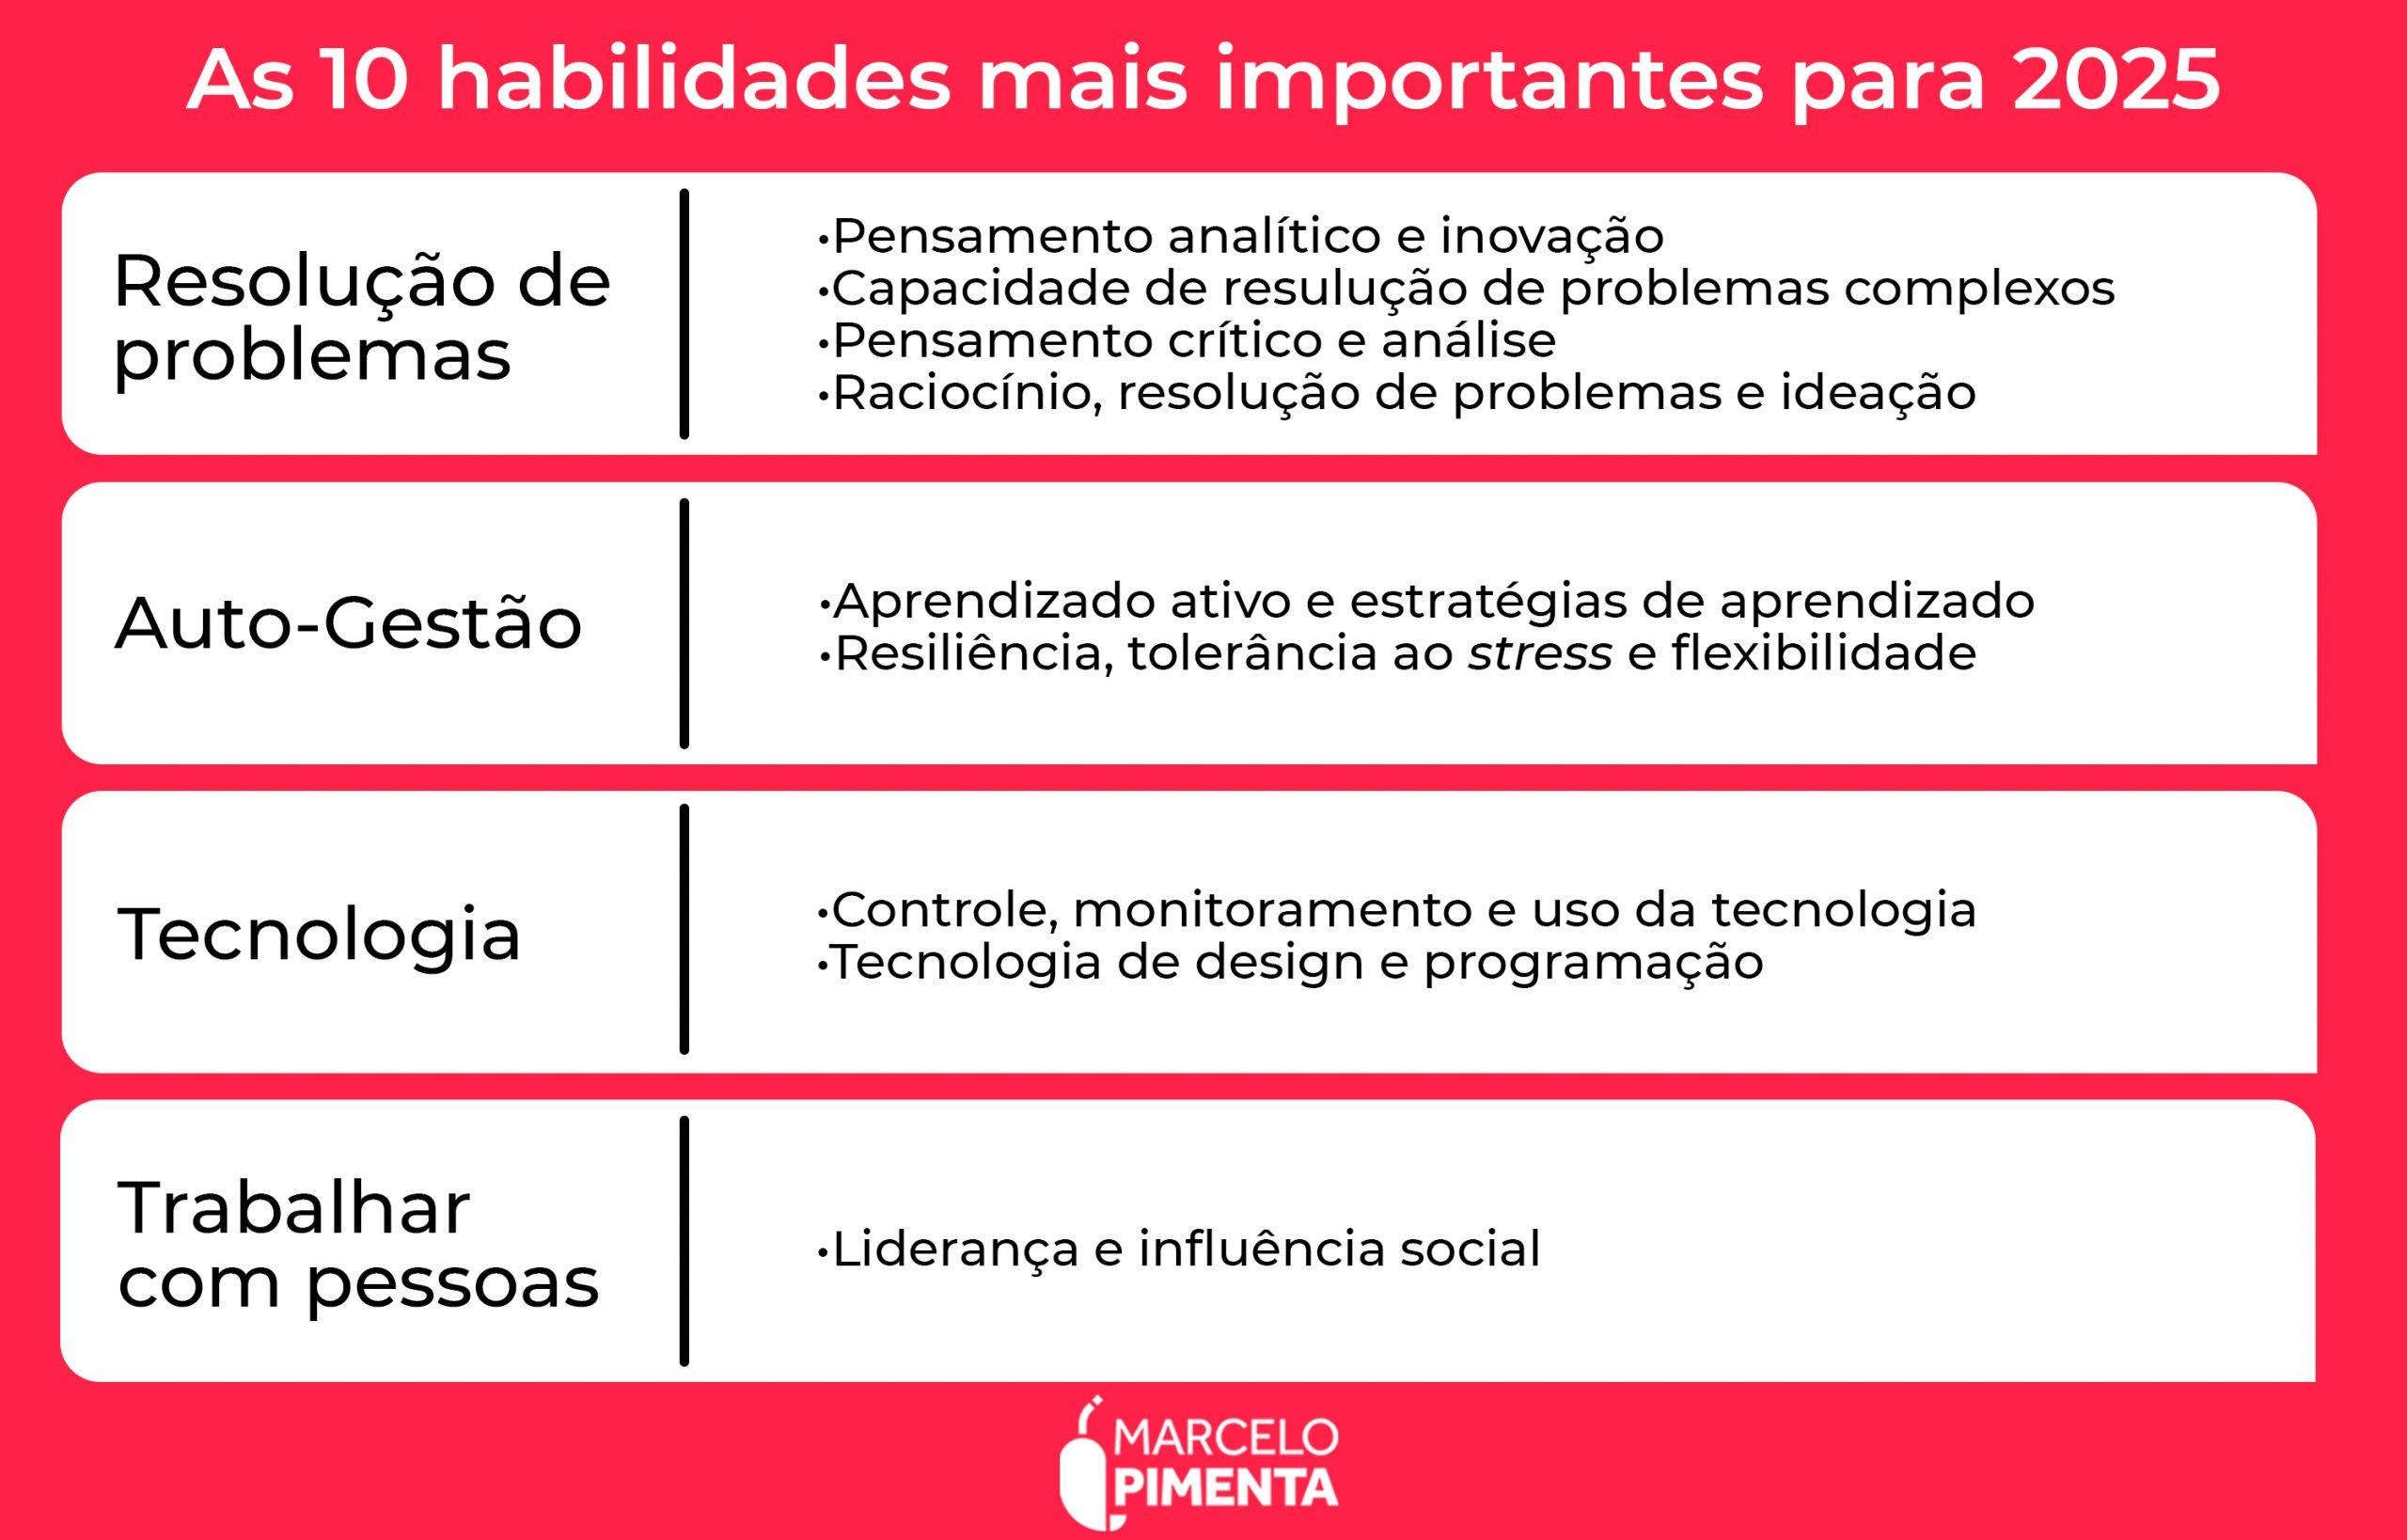 Marcelo Pimenta banner Blog-habilidades-para-o-futuro-2025